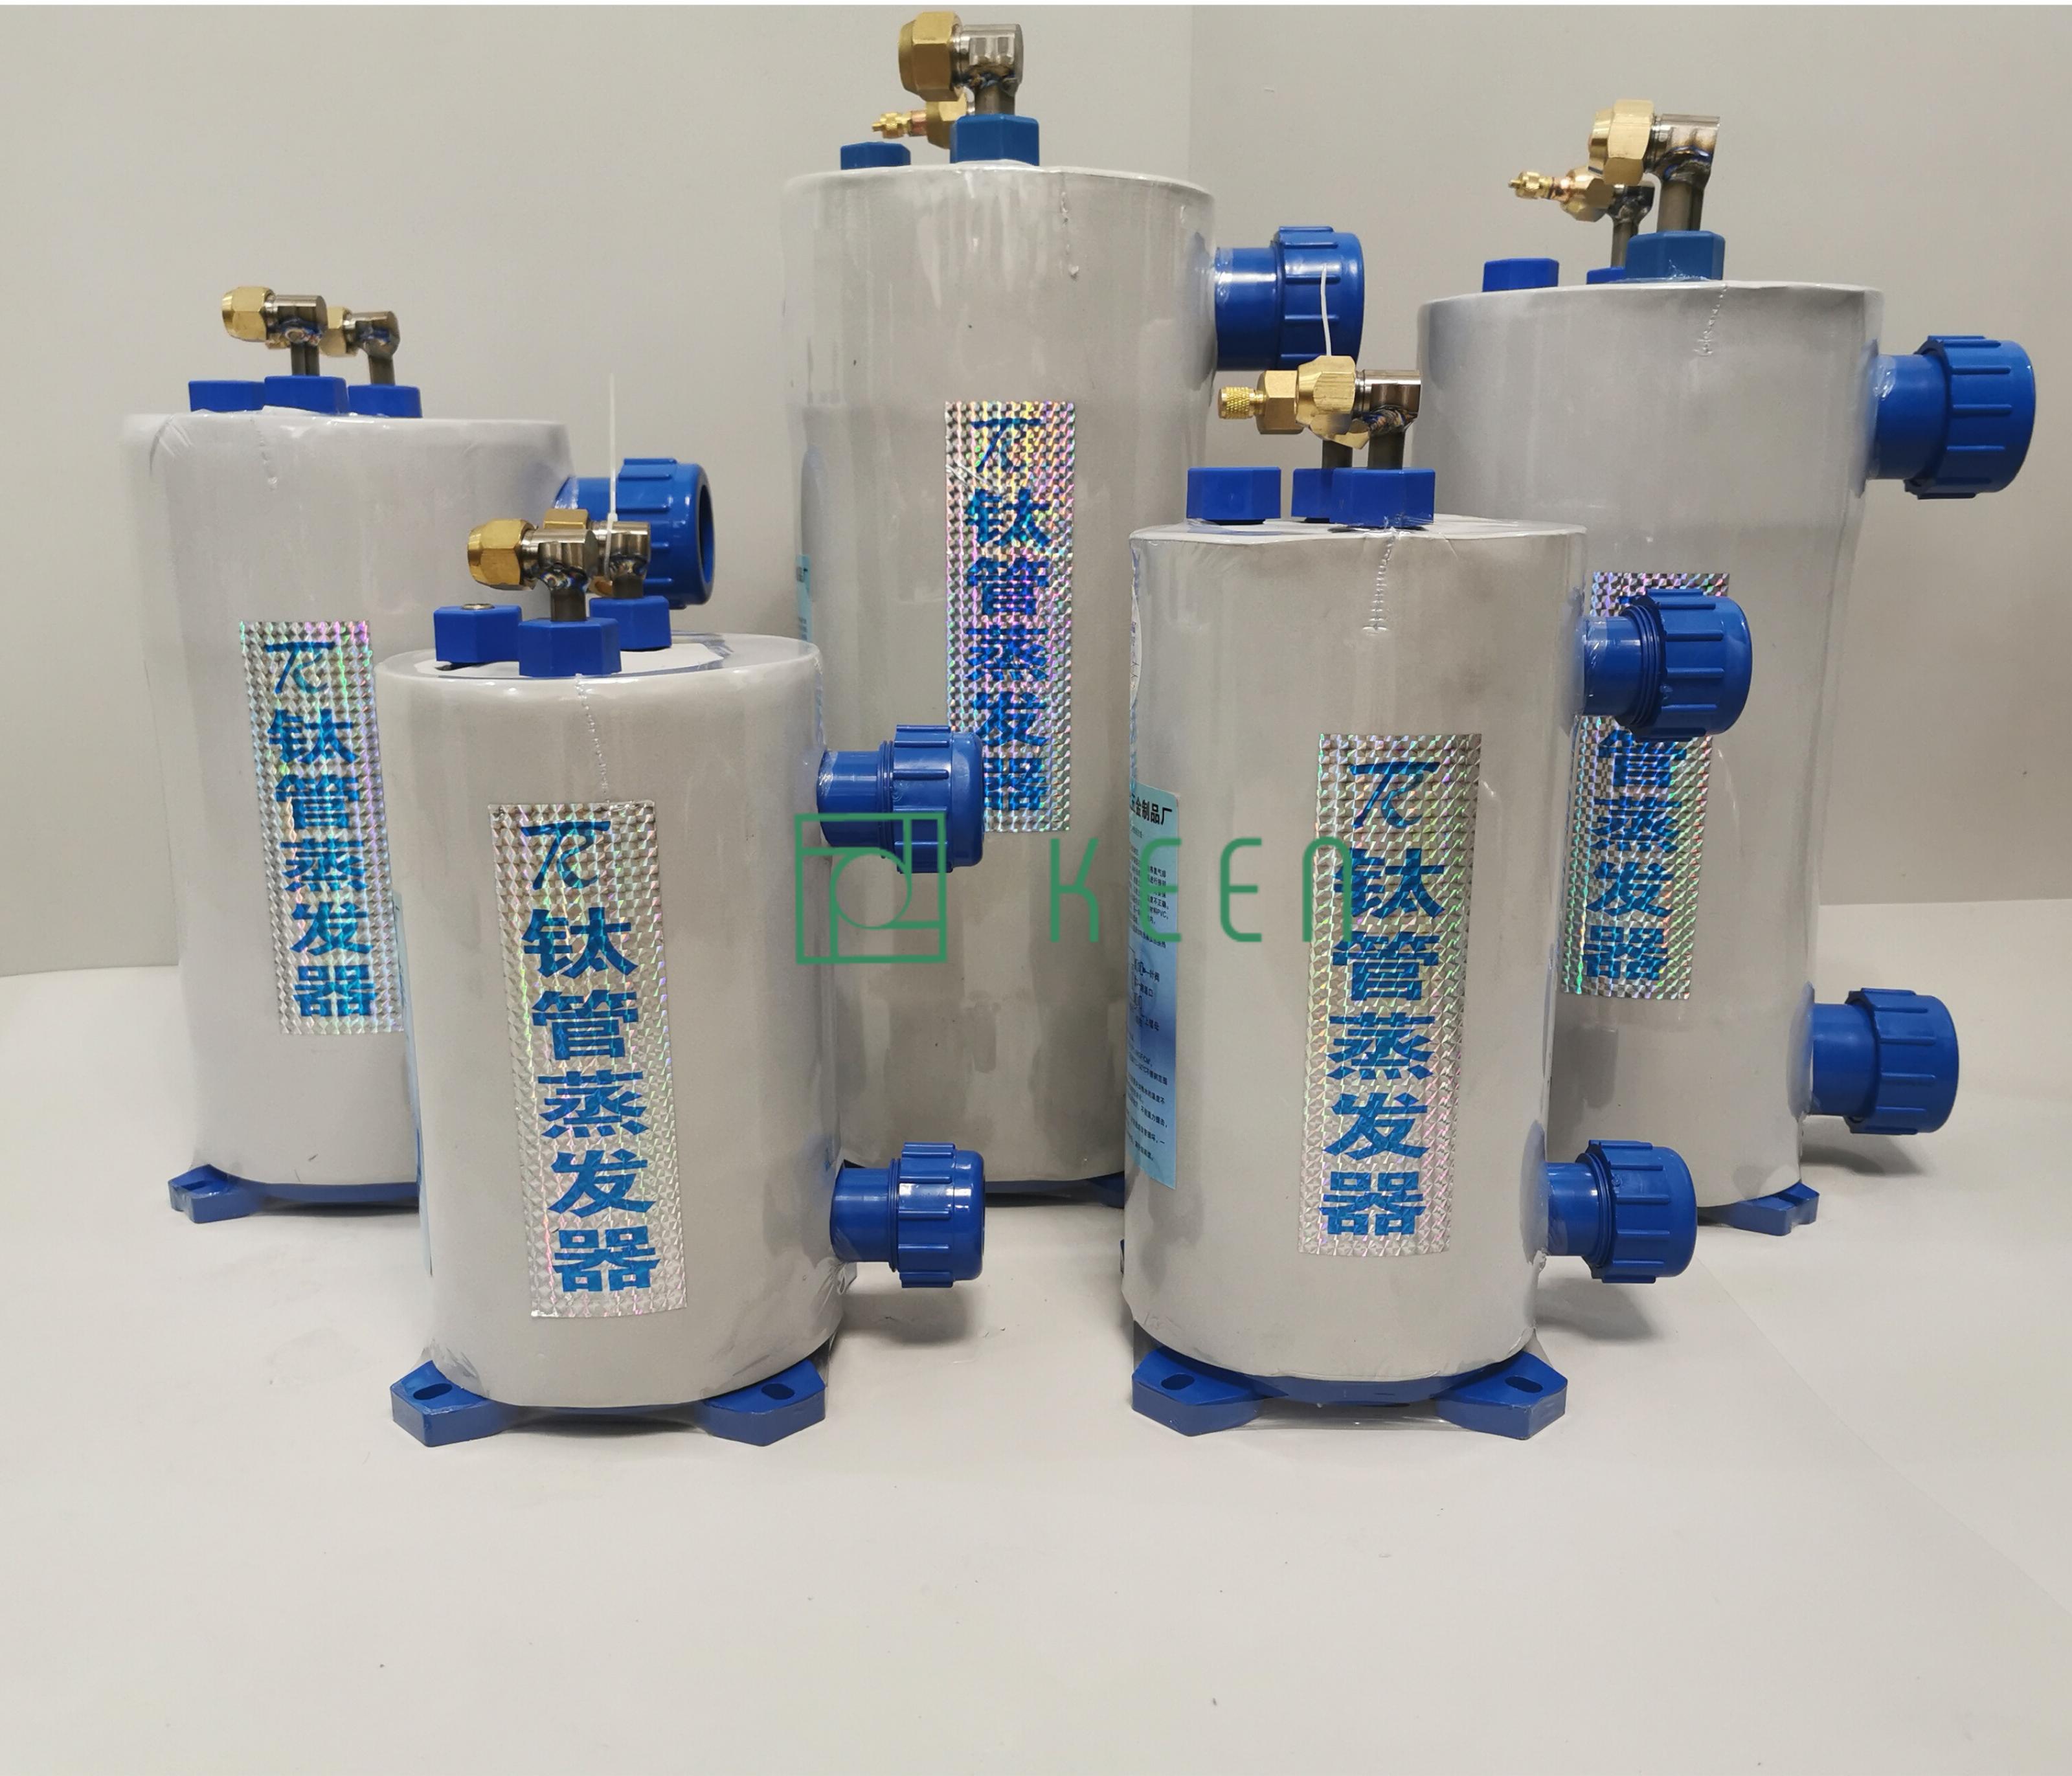 Bầu lạnh Titan 1HP thiết bị làm lạnh nước hồ cá